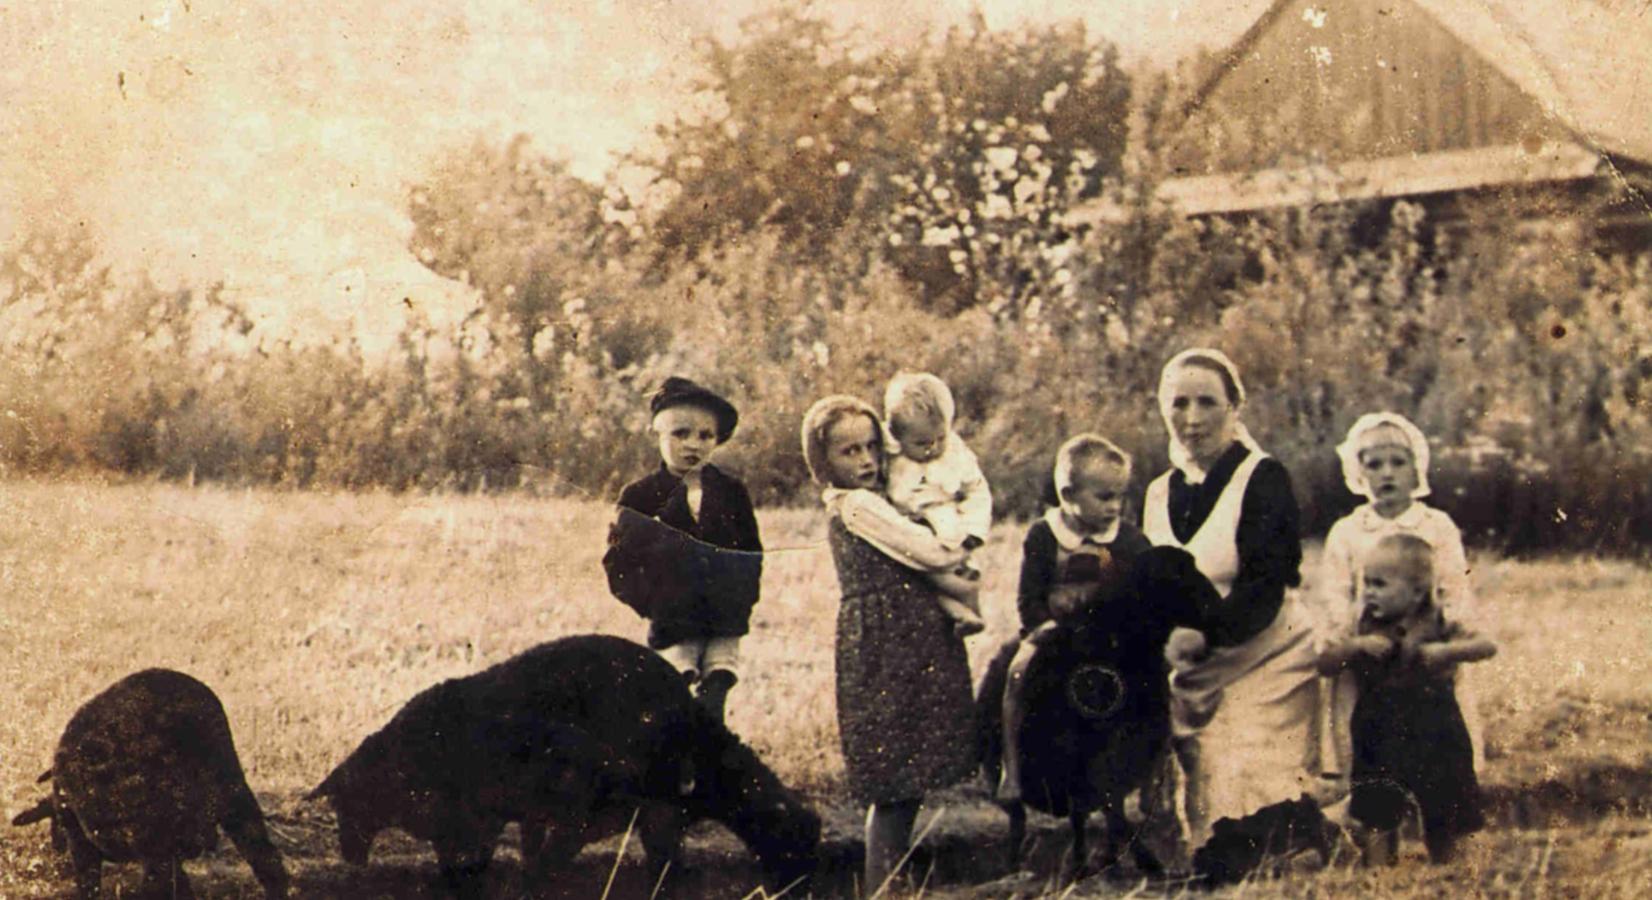 Польские католики отметили память семьи Ульма, расстрелянной за укрывание евреев во время войны